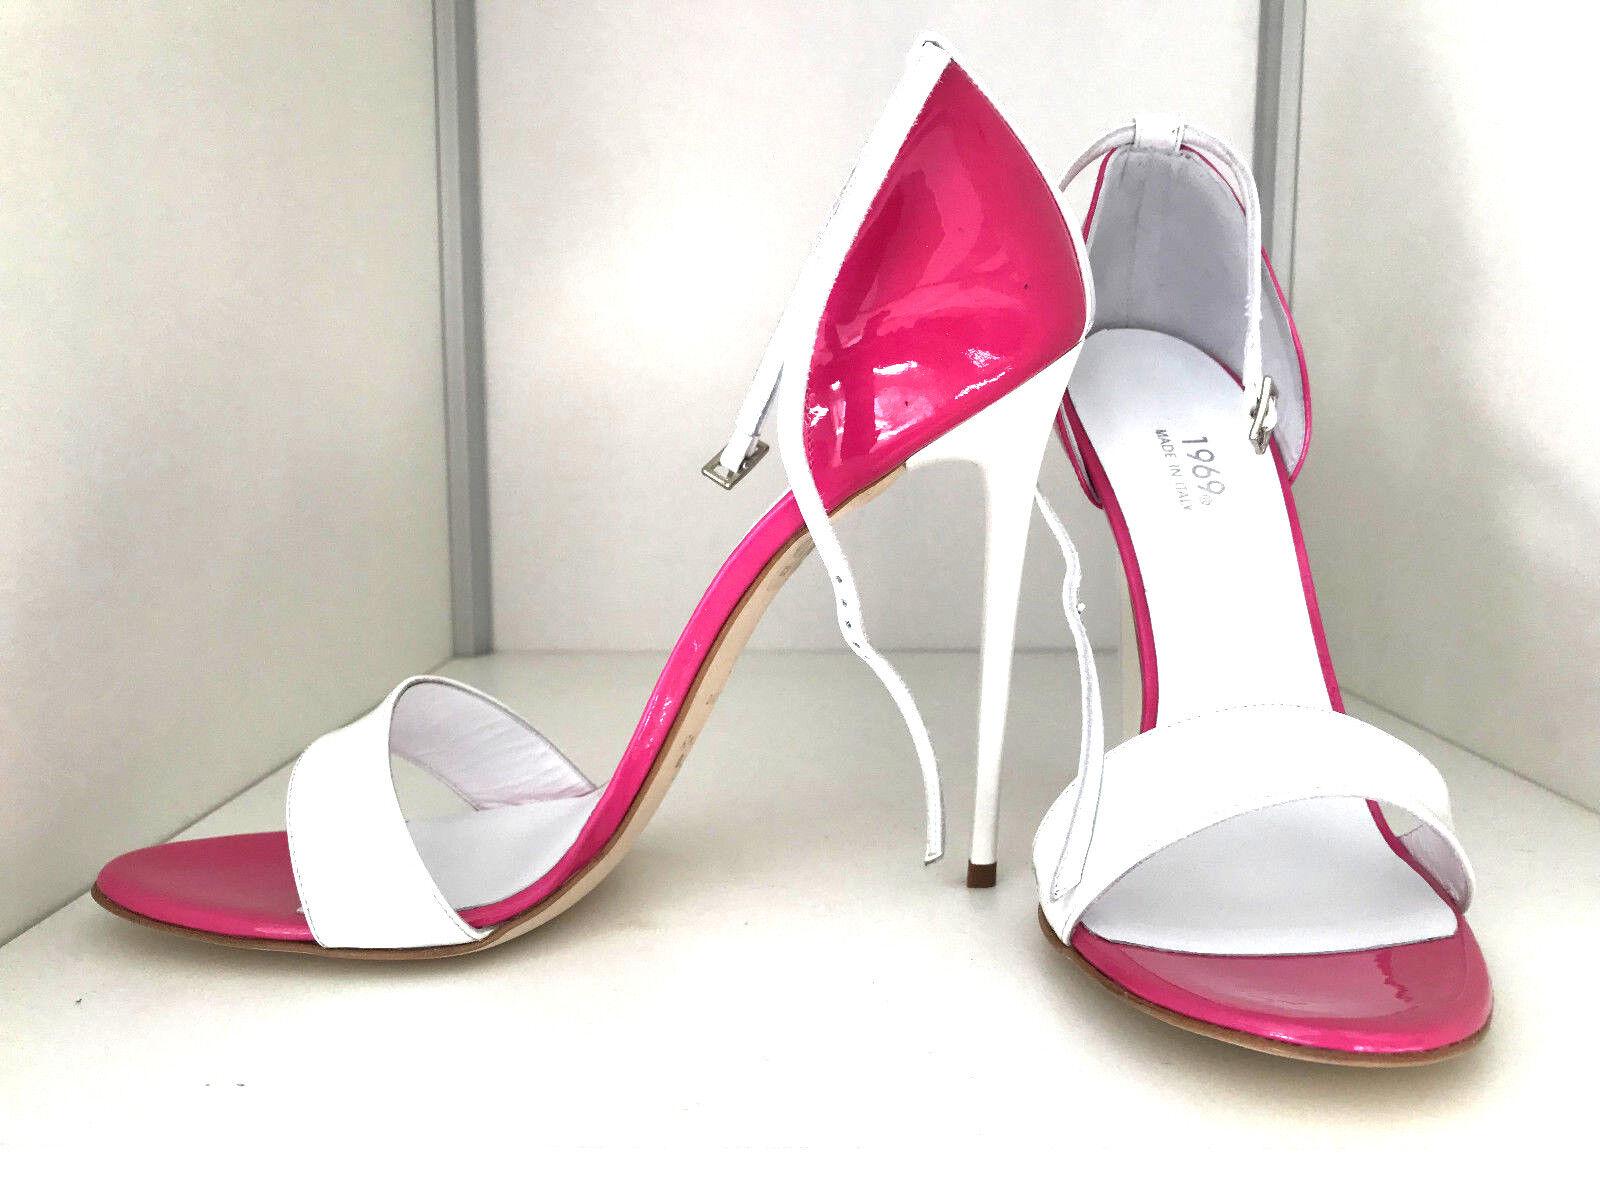 1969 Pumps 42 43 14 cm Sexy pink White leather leder fetish sandals high heels